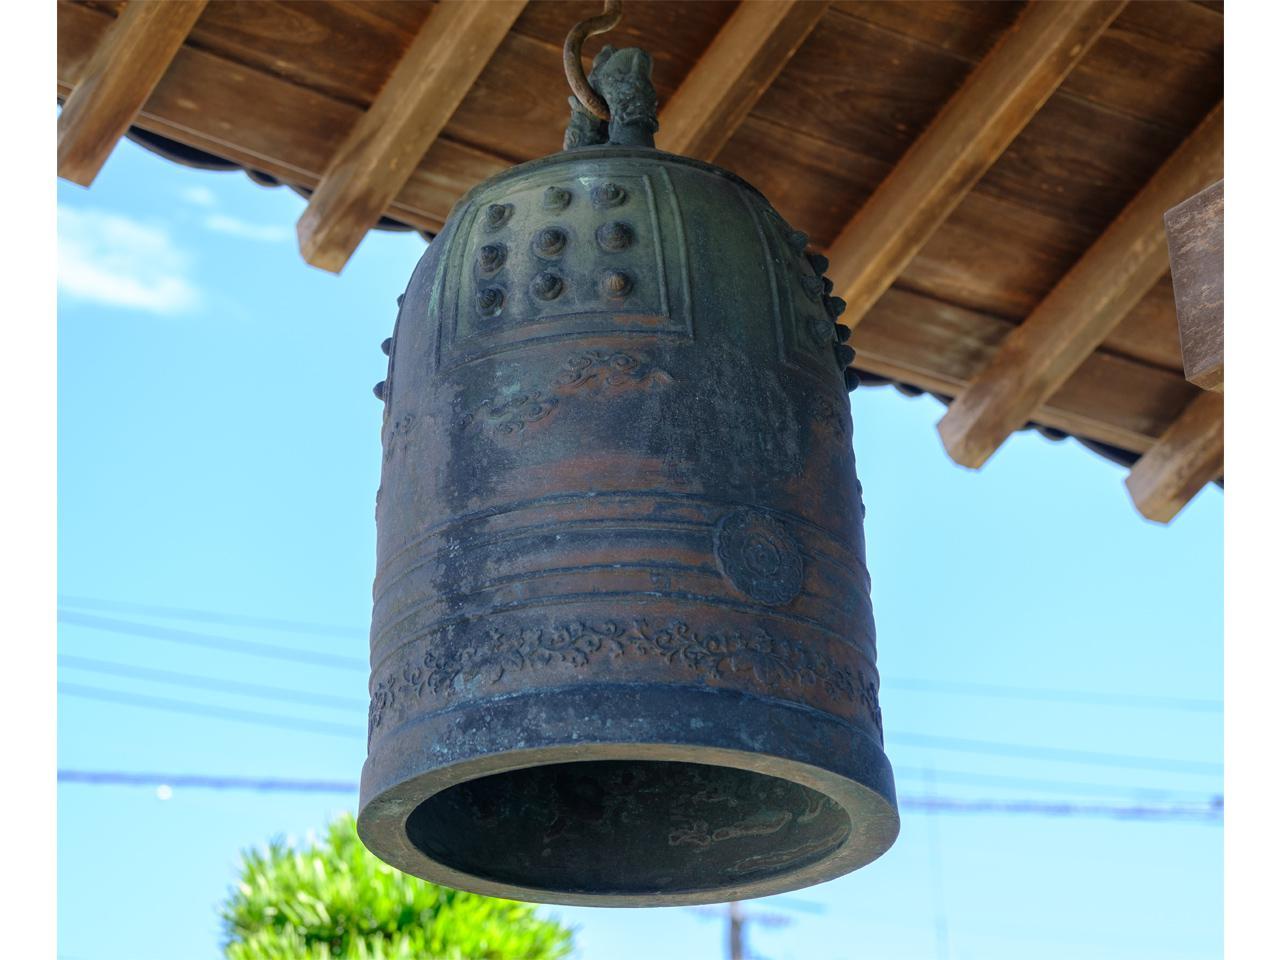 画像: 戦後の混乱で玉造から海を渡り隠岐諸島で半鐘として使われていた鐘。現在はまた玉造に戻り、湯薬師堂に吊るされています。